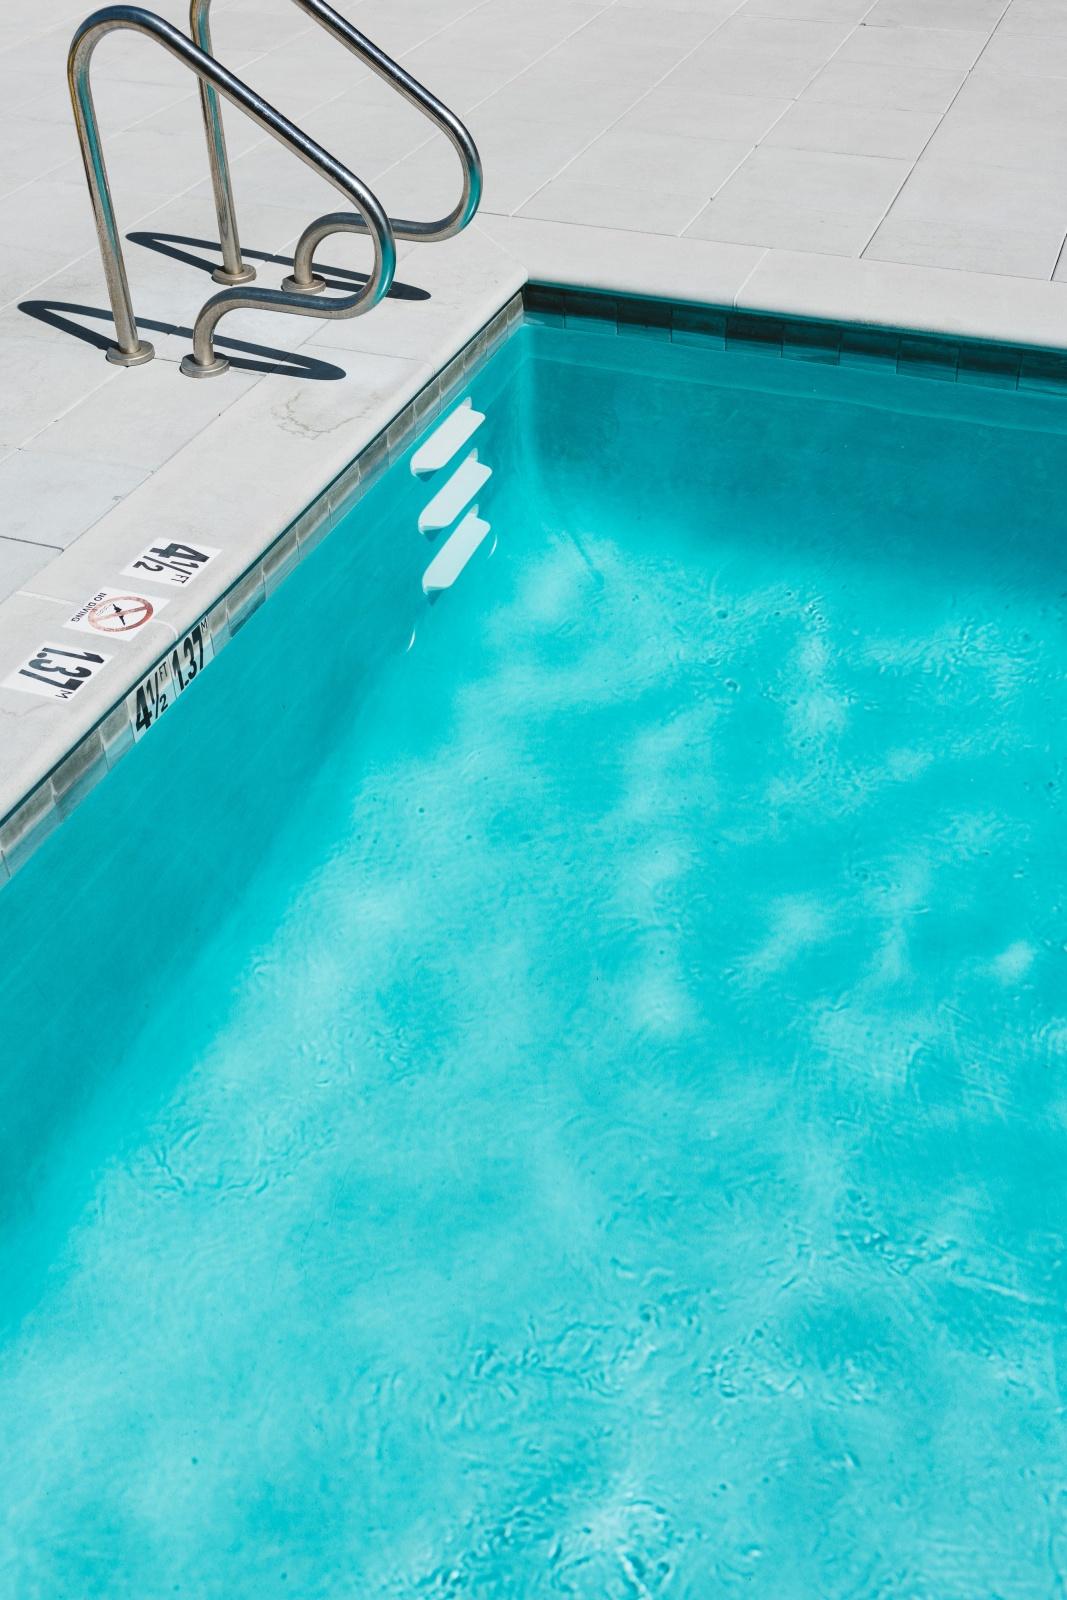 Zwembad met schoon, helder water